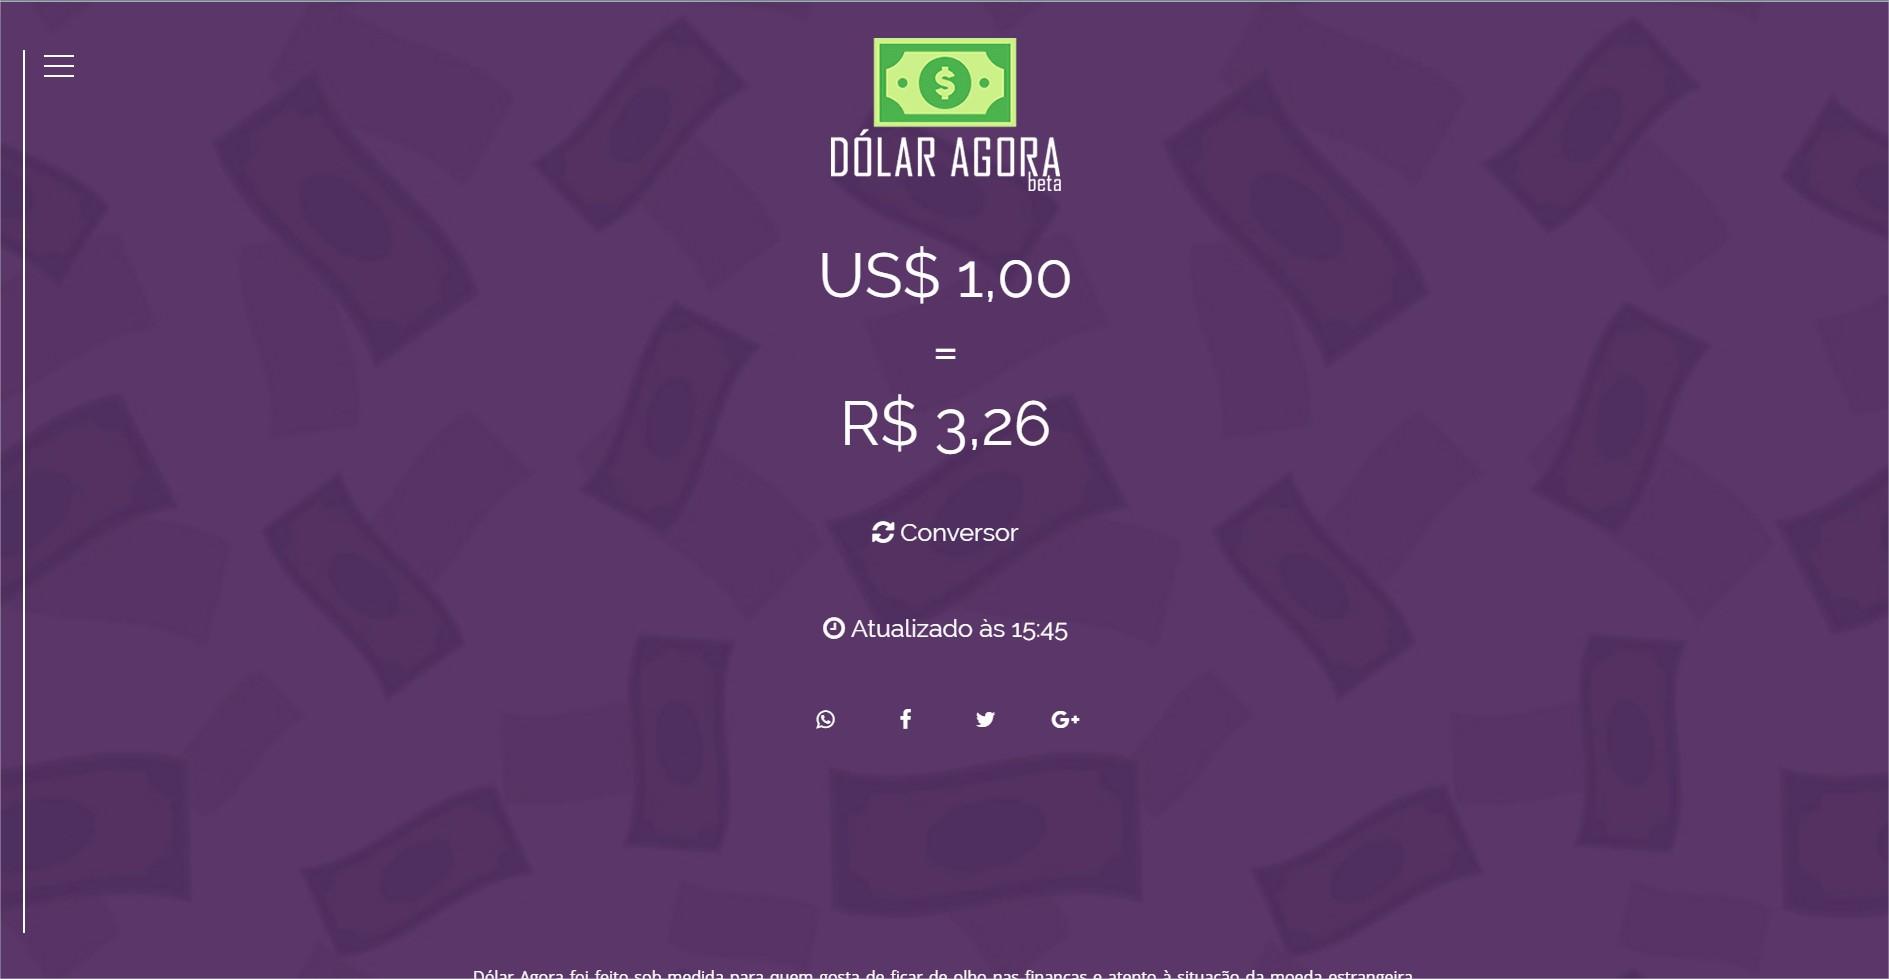 Dólar Agora - Cotação - Imagem 1 do software